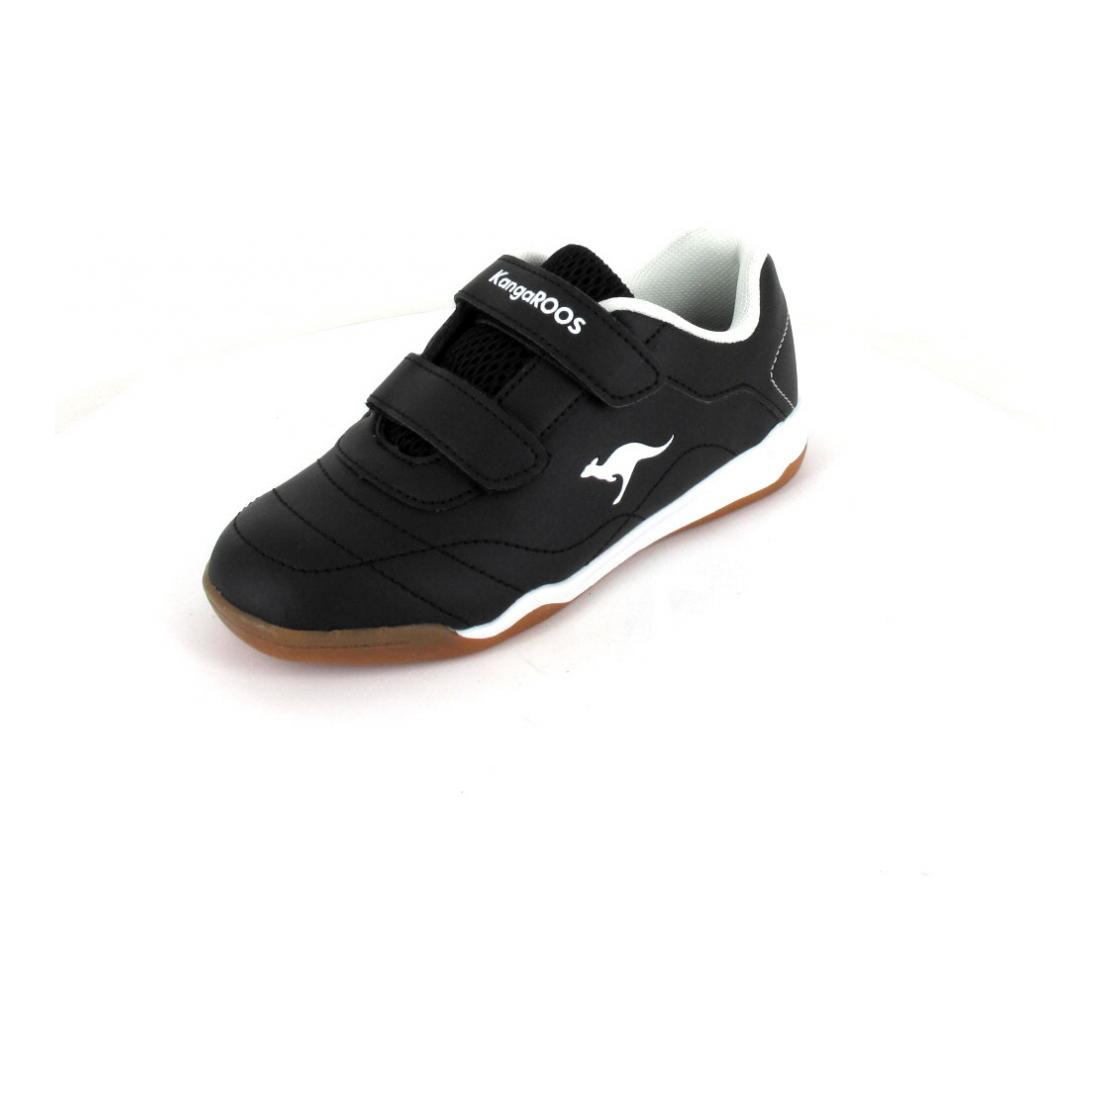 KangaRoos Sneaker WINGYARD V